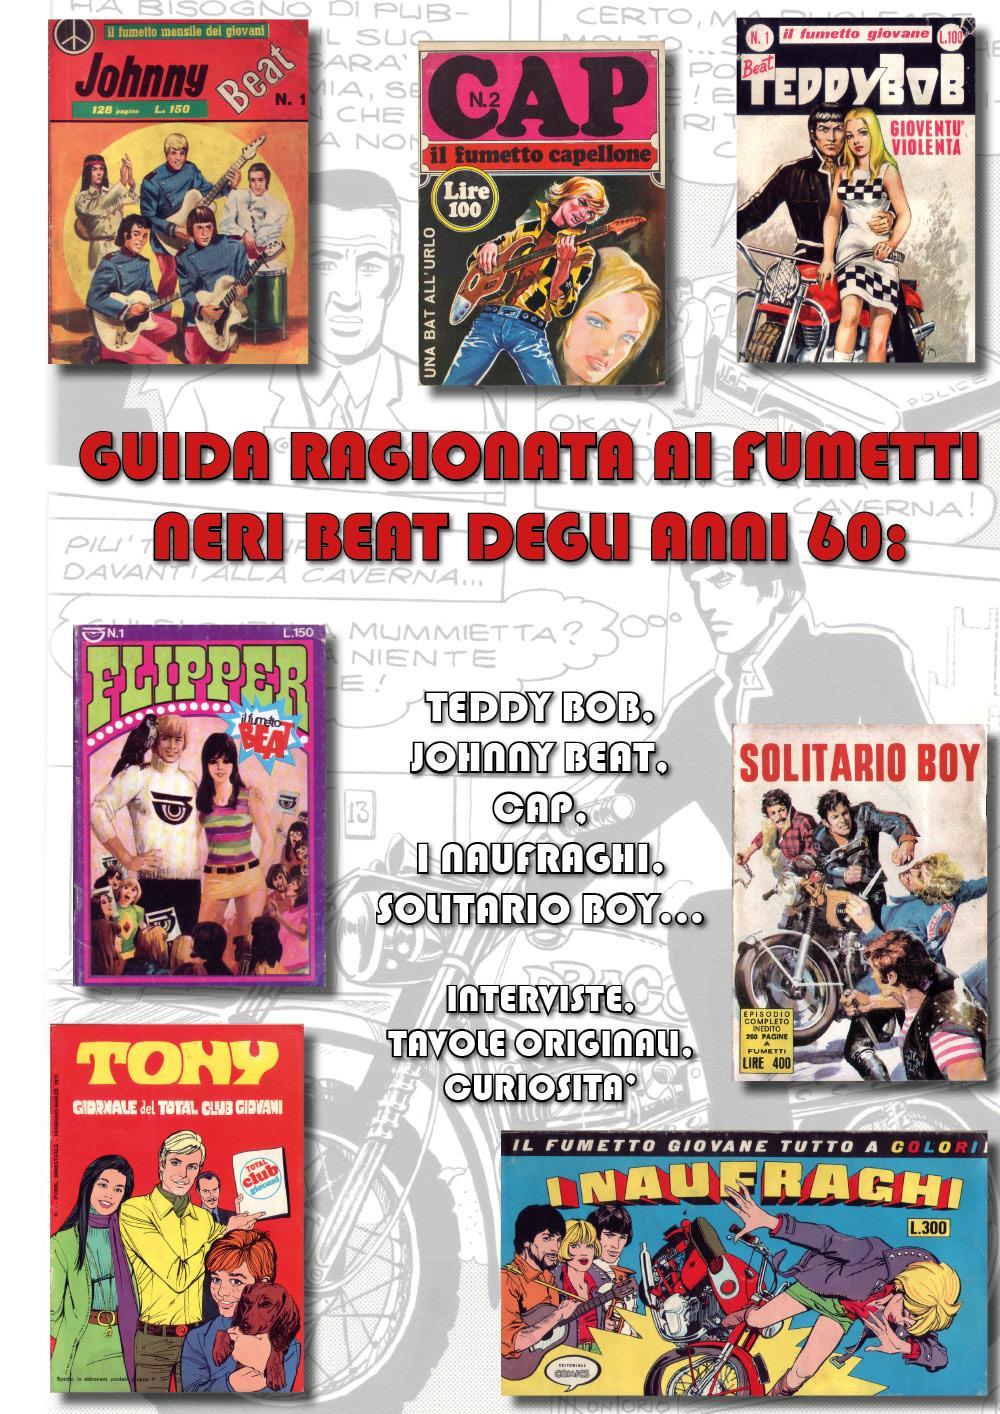 Guida ragionata ai fumetti neri beat degli anni 60: Teddy Bob, Johnny Beat, Cap, i Naufraghi, Solitario Boy... Interviste, tavole originali, curiosità